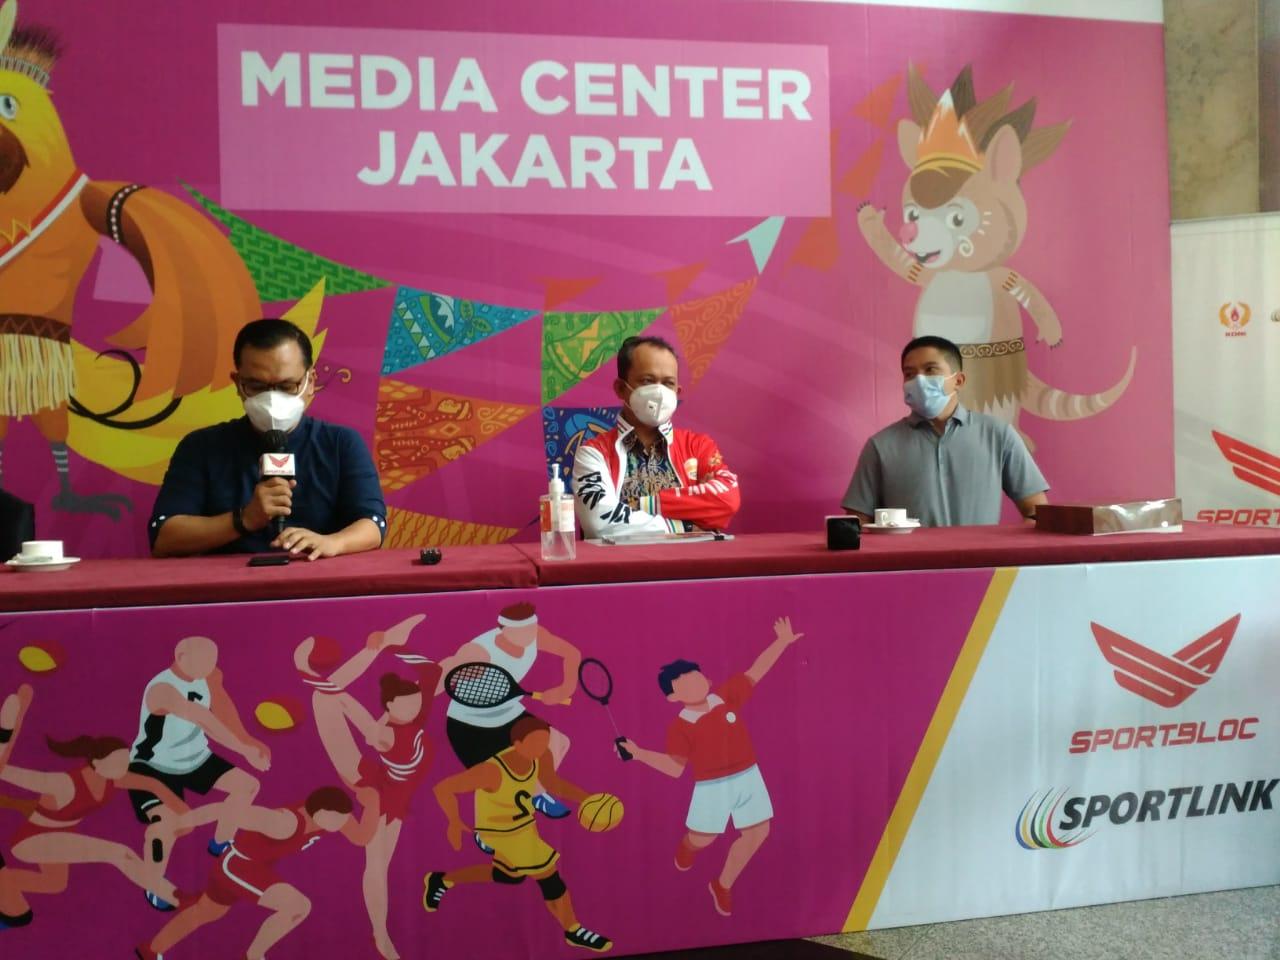 Direktur Prasarana Strategis Direktorat Jenderal Cipta Karya Kementerian PUPR Iwan Suprijanto saat konferensi pers di Media Center Jakarta untuk PON 2021, Rabu (13/10)